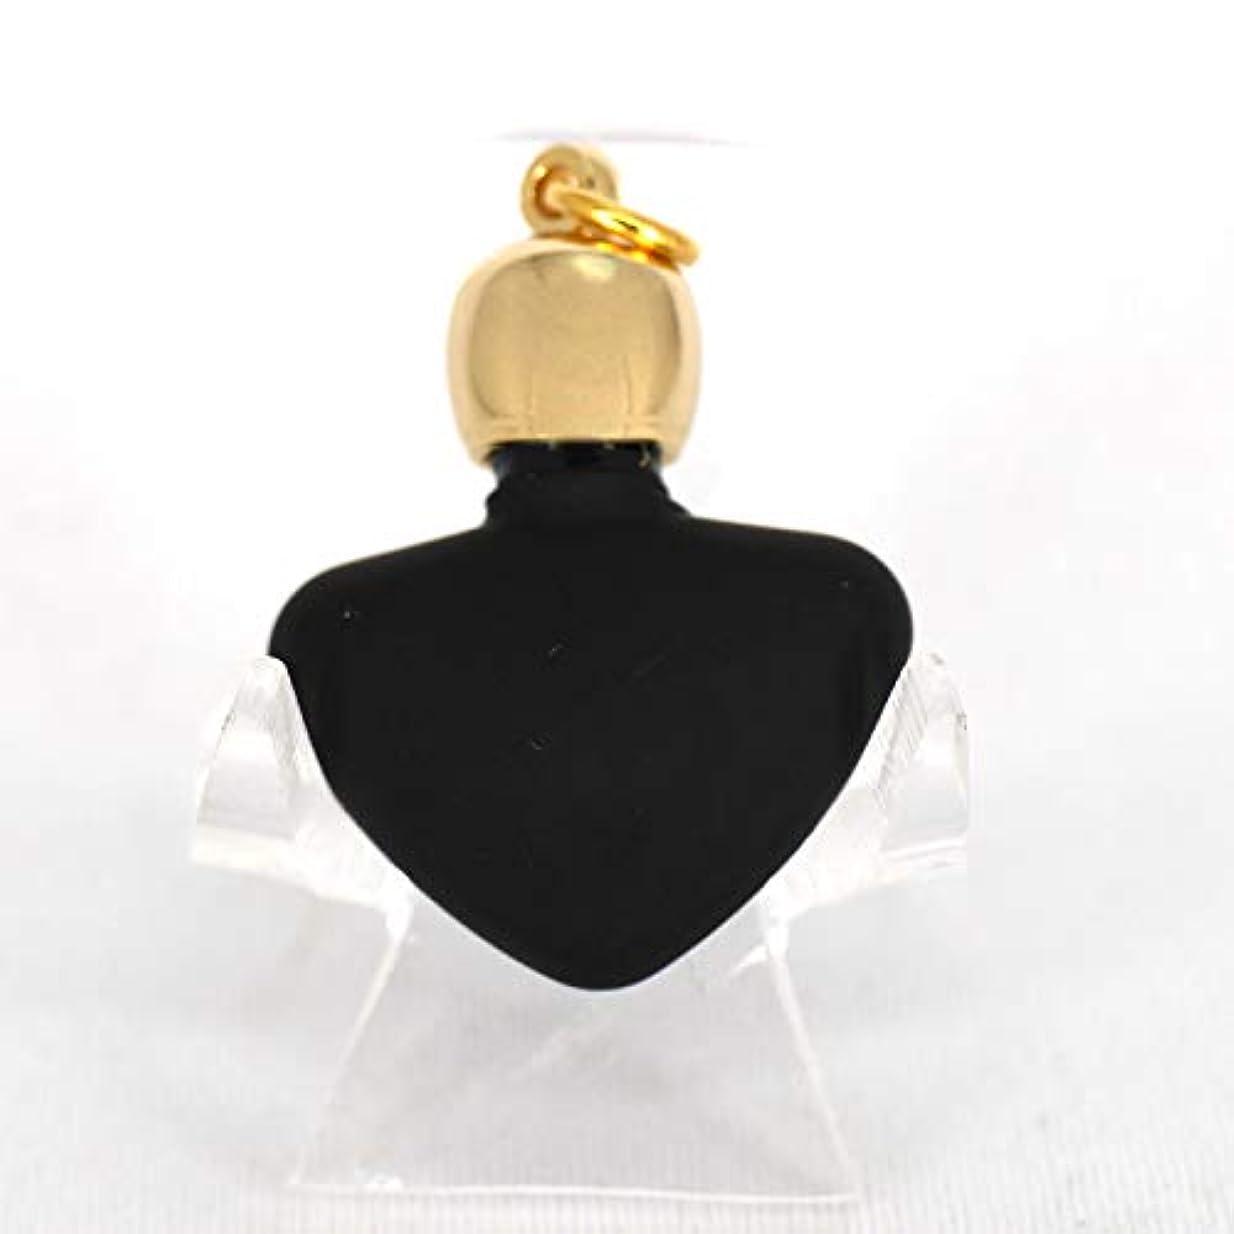 言い聞かせるチケット自分ミニ香水瓶 アロマペンダントトップ ハートブラックフロスト(黒すりガラス)0.8ml?ゴールド?穴あきキャップ、パッキン付属【アロマオイル?メモリーオイル入れにオススメ】